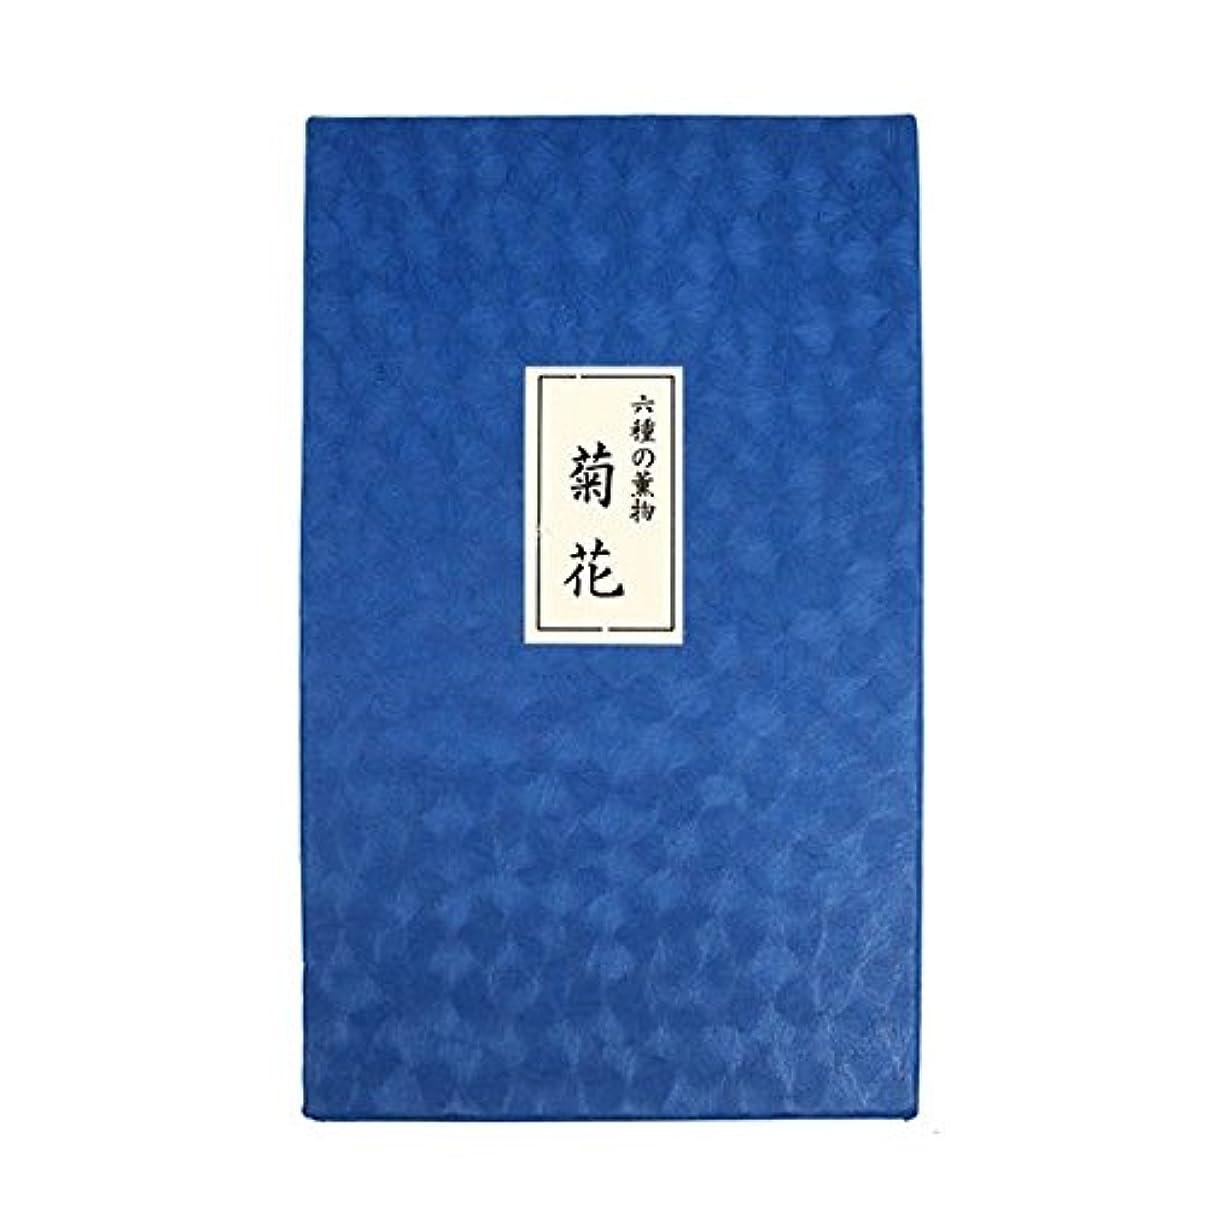 より平らな写真を描く宗教的な六種の薫物 菊花 貝入畳紙包 紙箱入